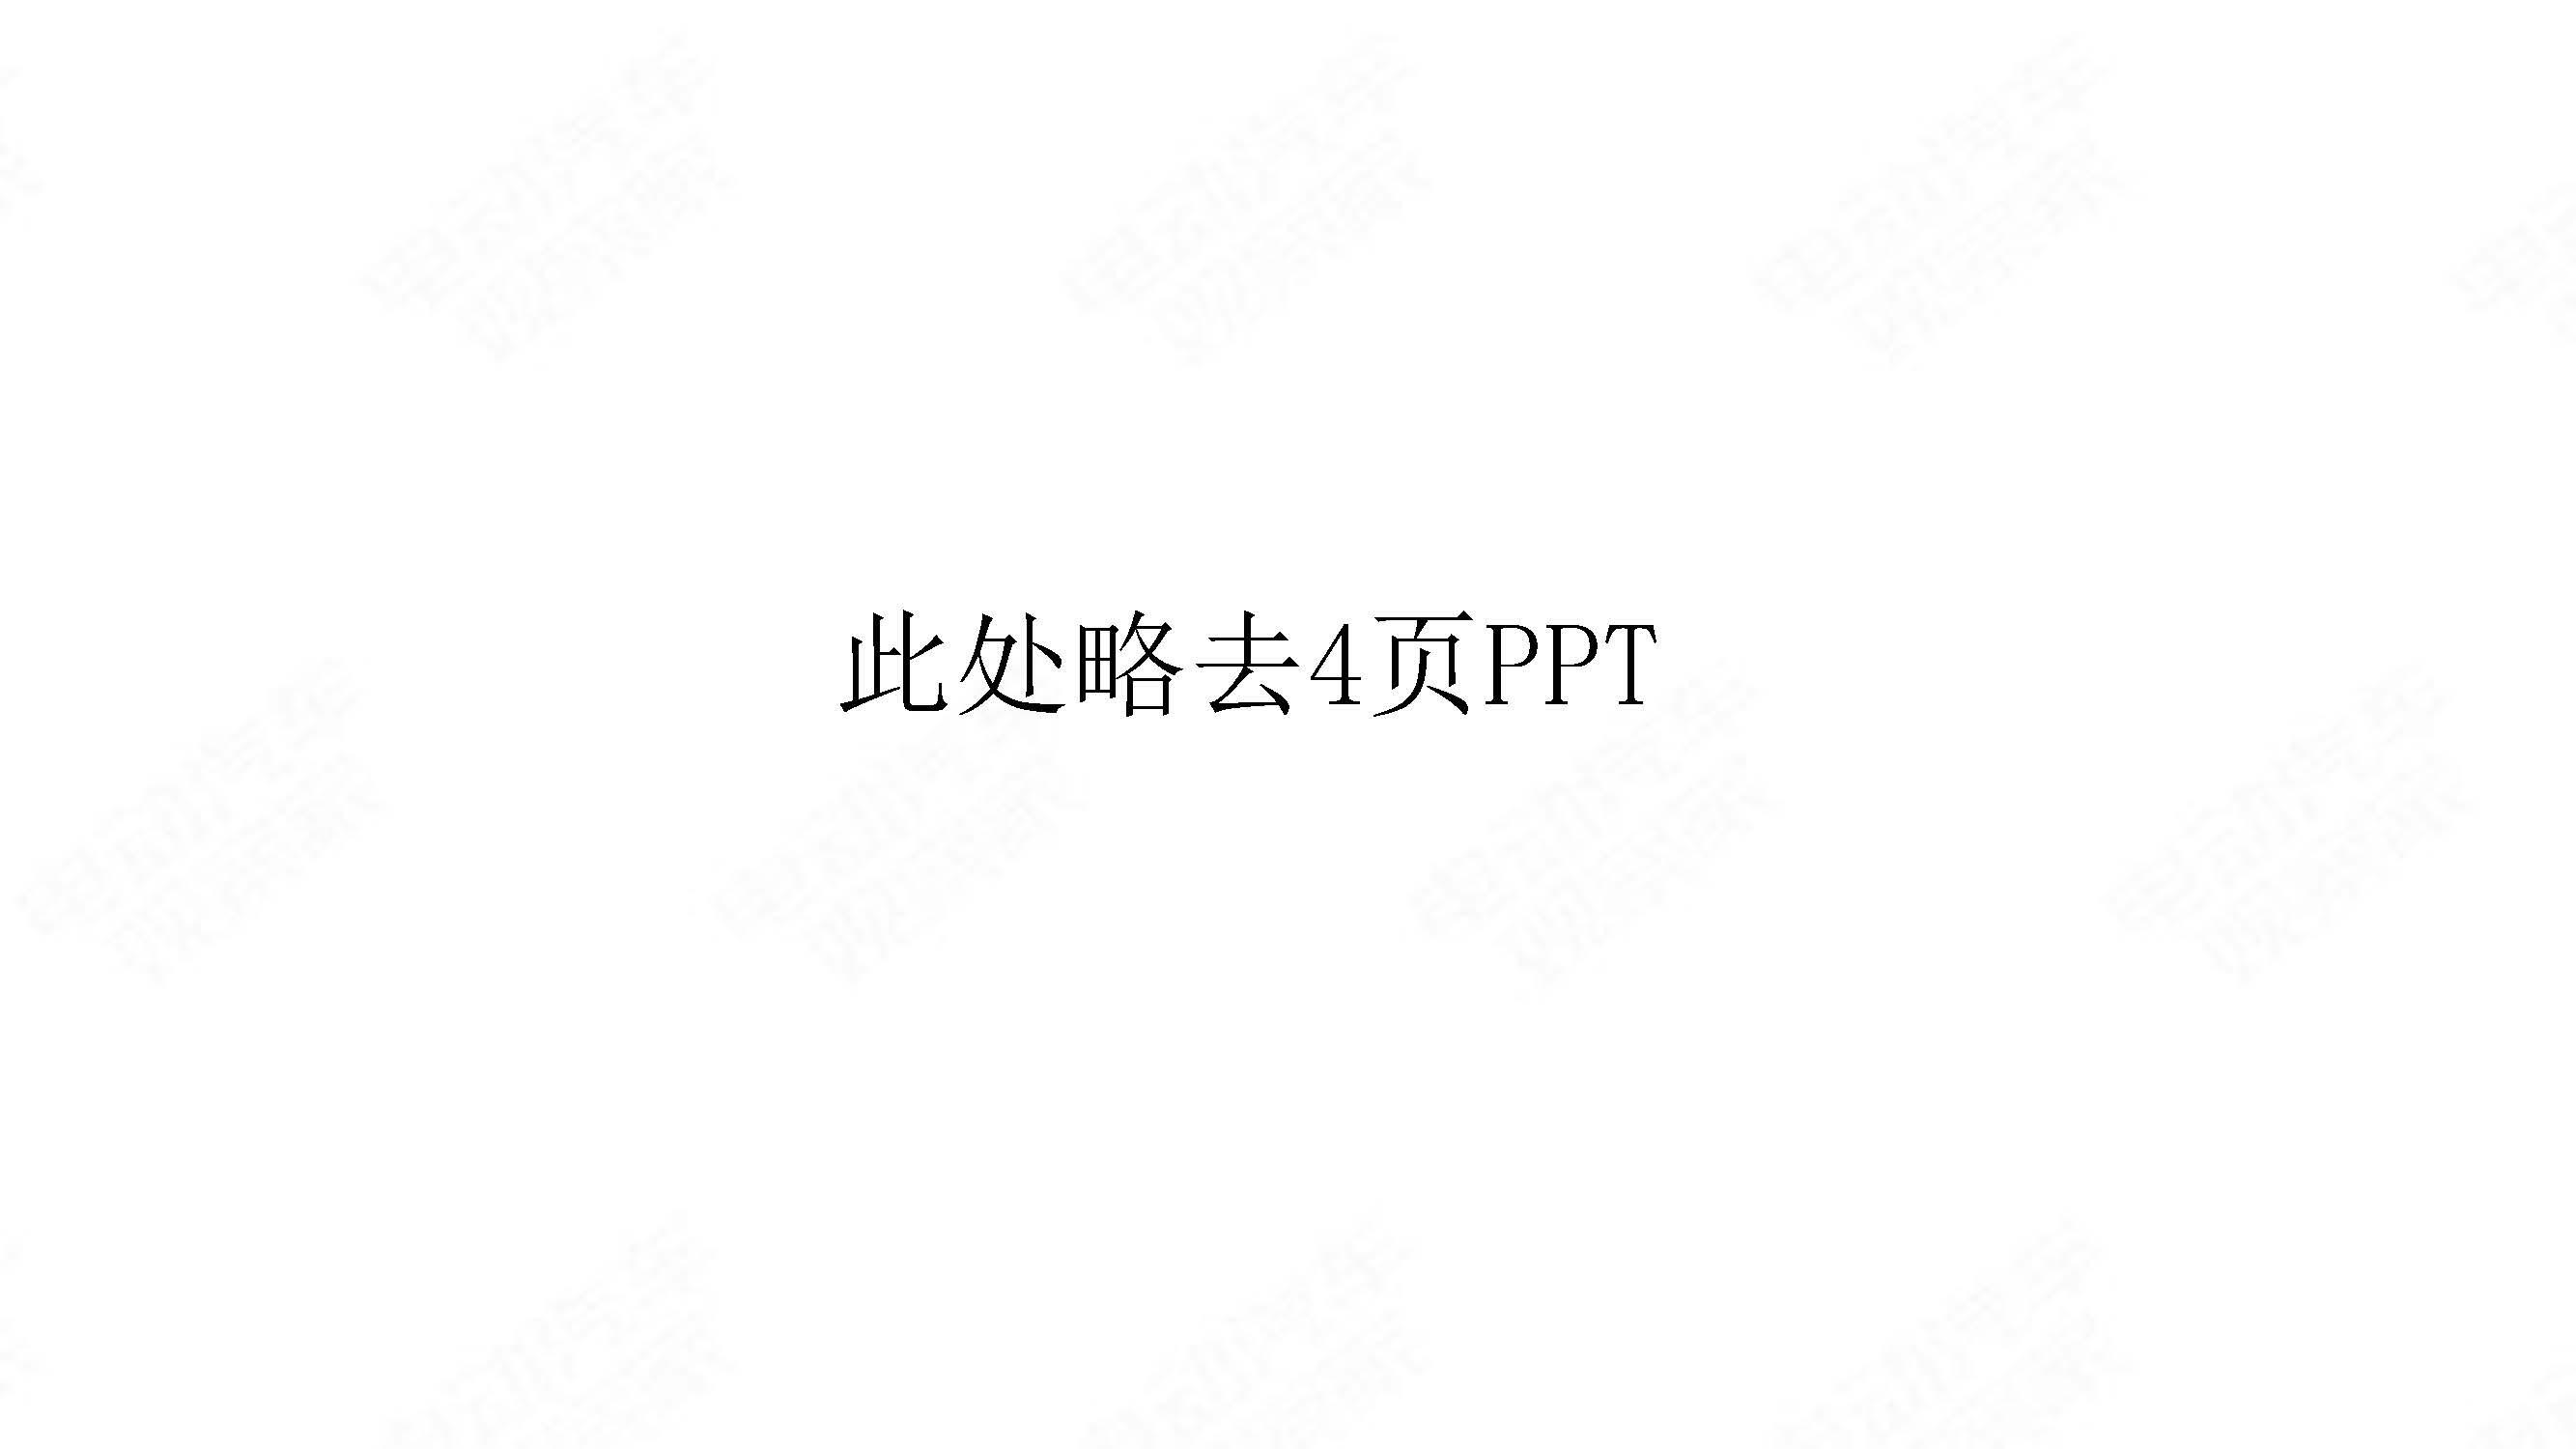 中国新能源汽车产业观察202001简略版_页面_34